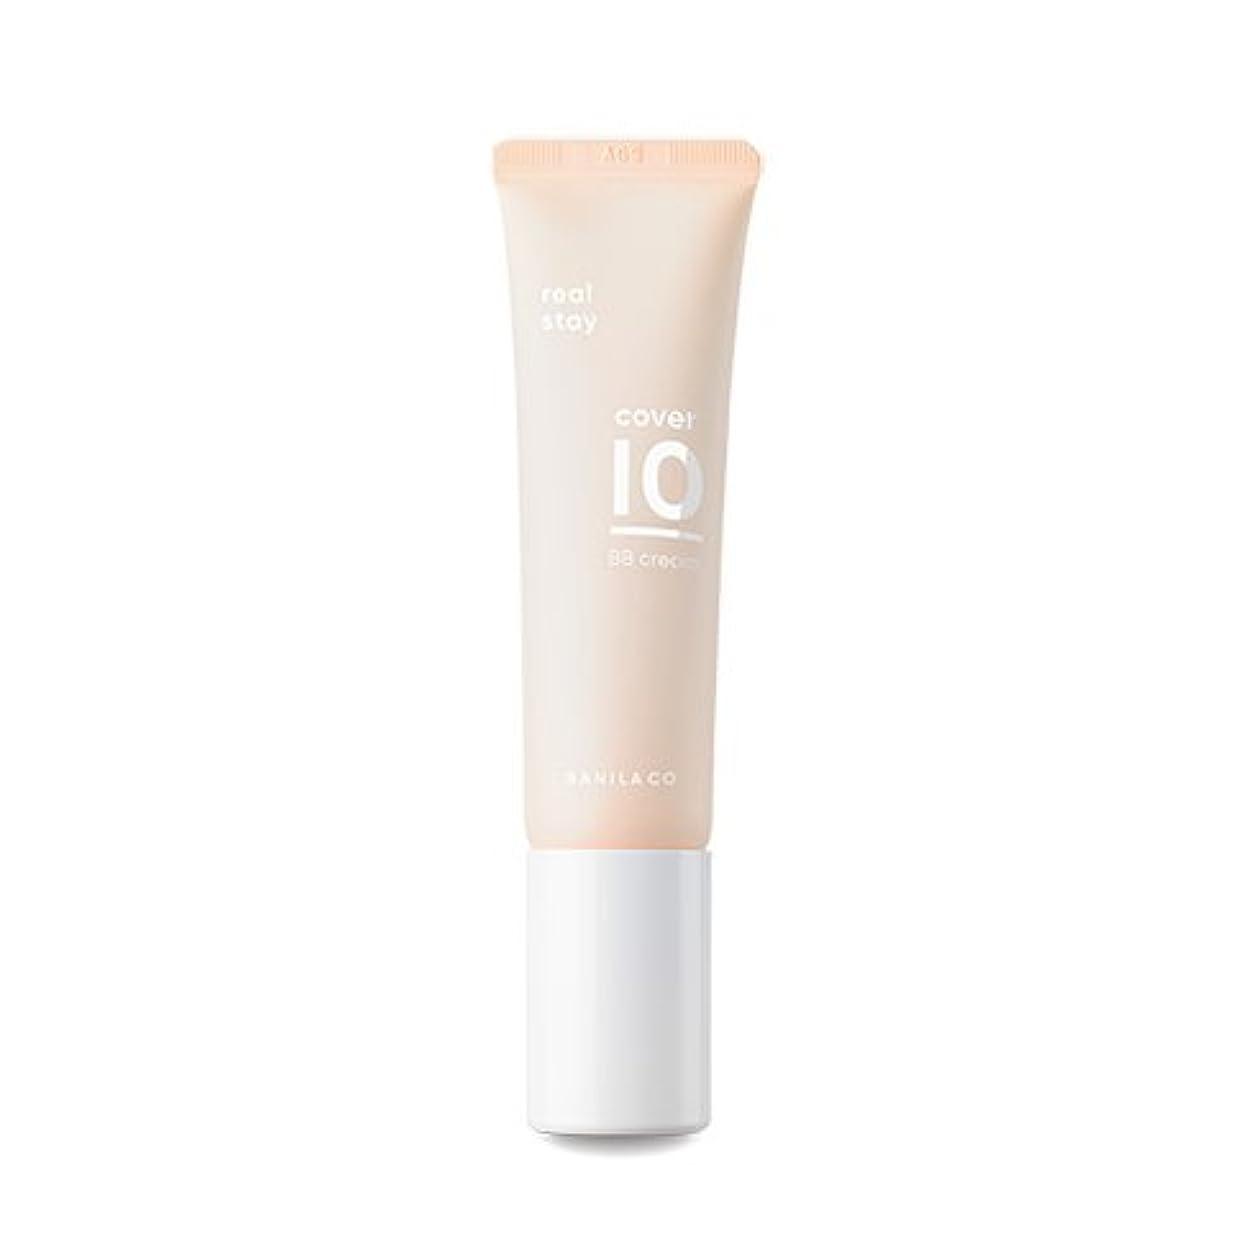 ボード周り払い戻し[Renewal] BANILA CO Cover 10 Real Stay BB Cream 30ml/バニラコ カバー 10 リアル ステイ BBクリーム 30ml (#Natural Beige) [並行輸入品]